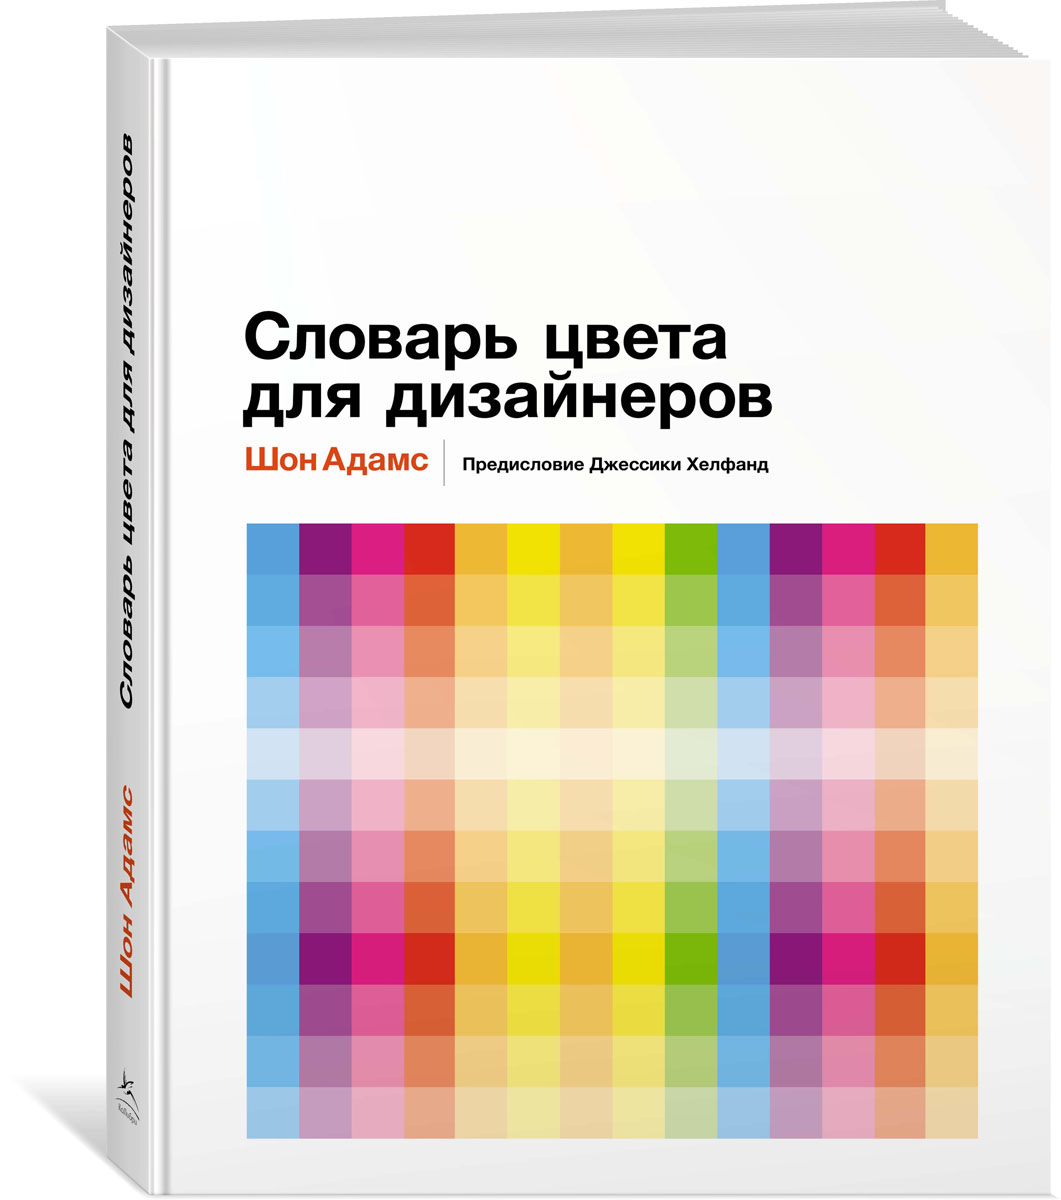 Словарь цвета для дизайнеров, Шон Адамс